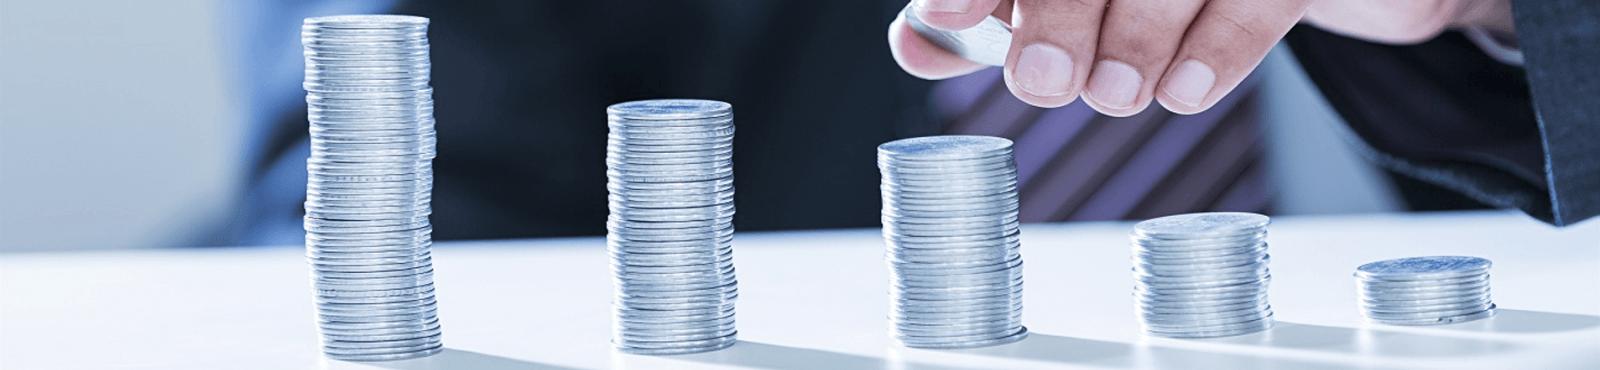 Оценка вклада в уставный капитал